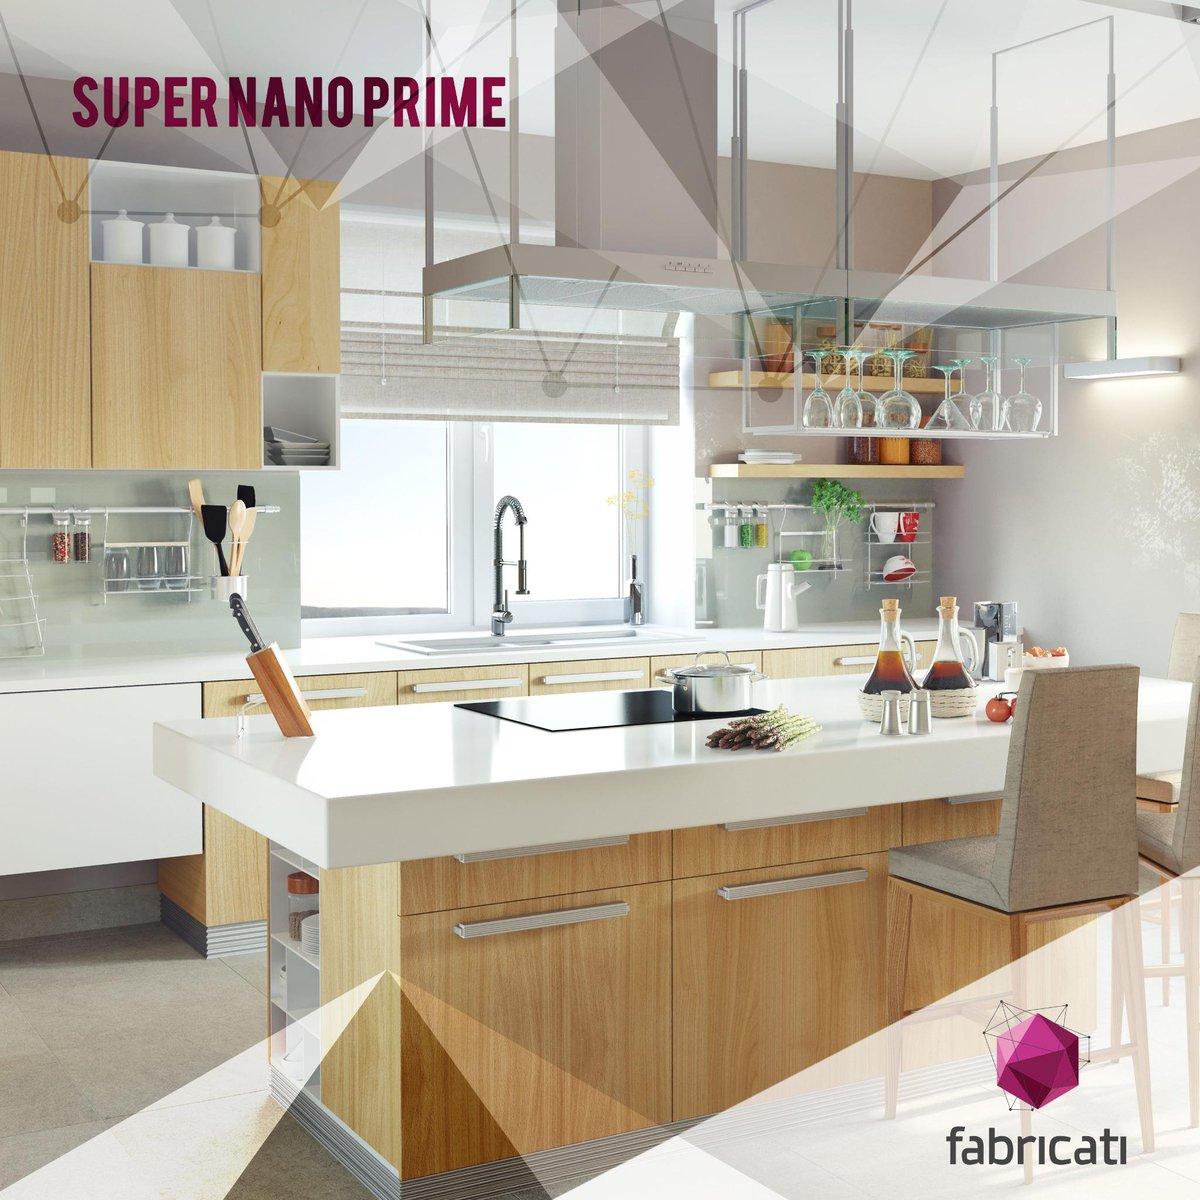 Fabricati Com Br On Twitter Super Nano Prime Bancada De